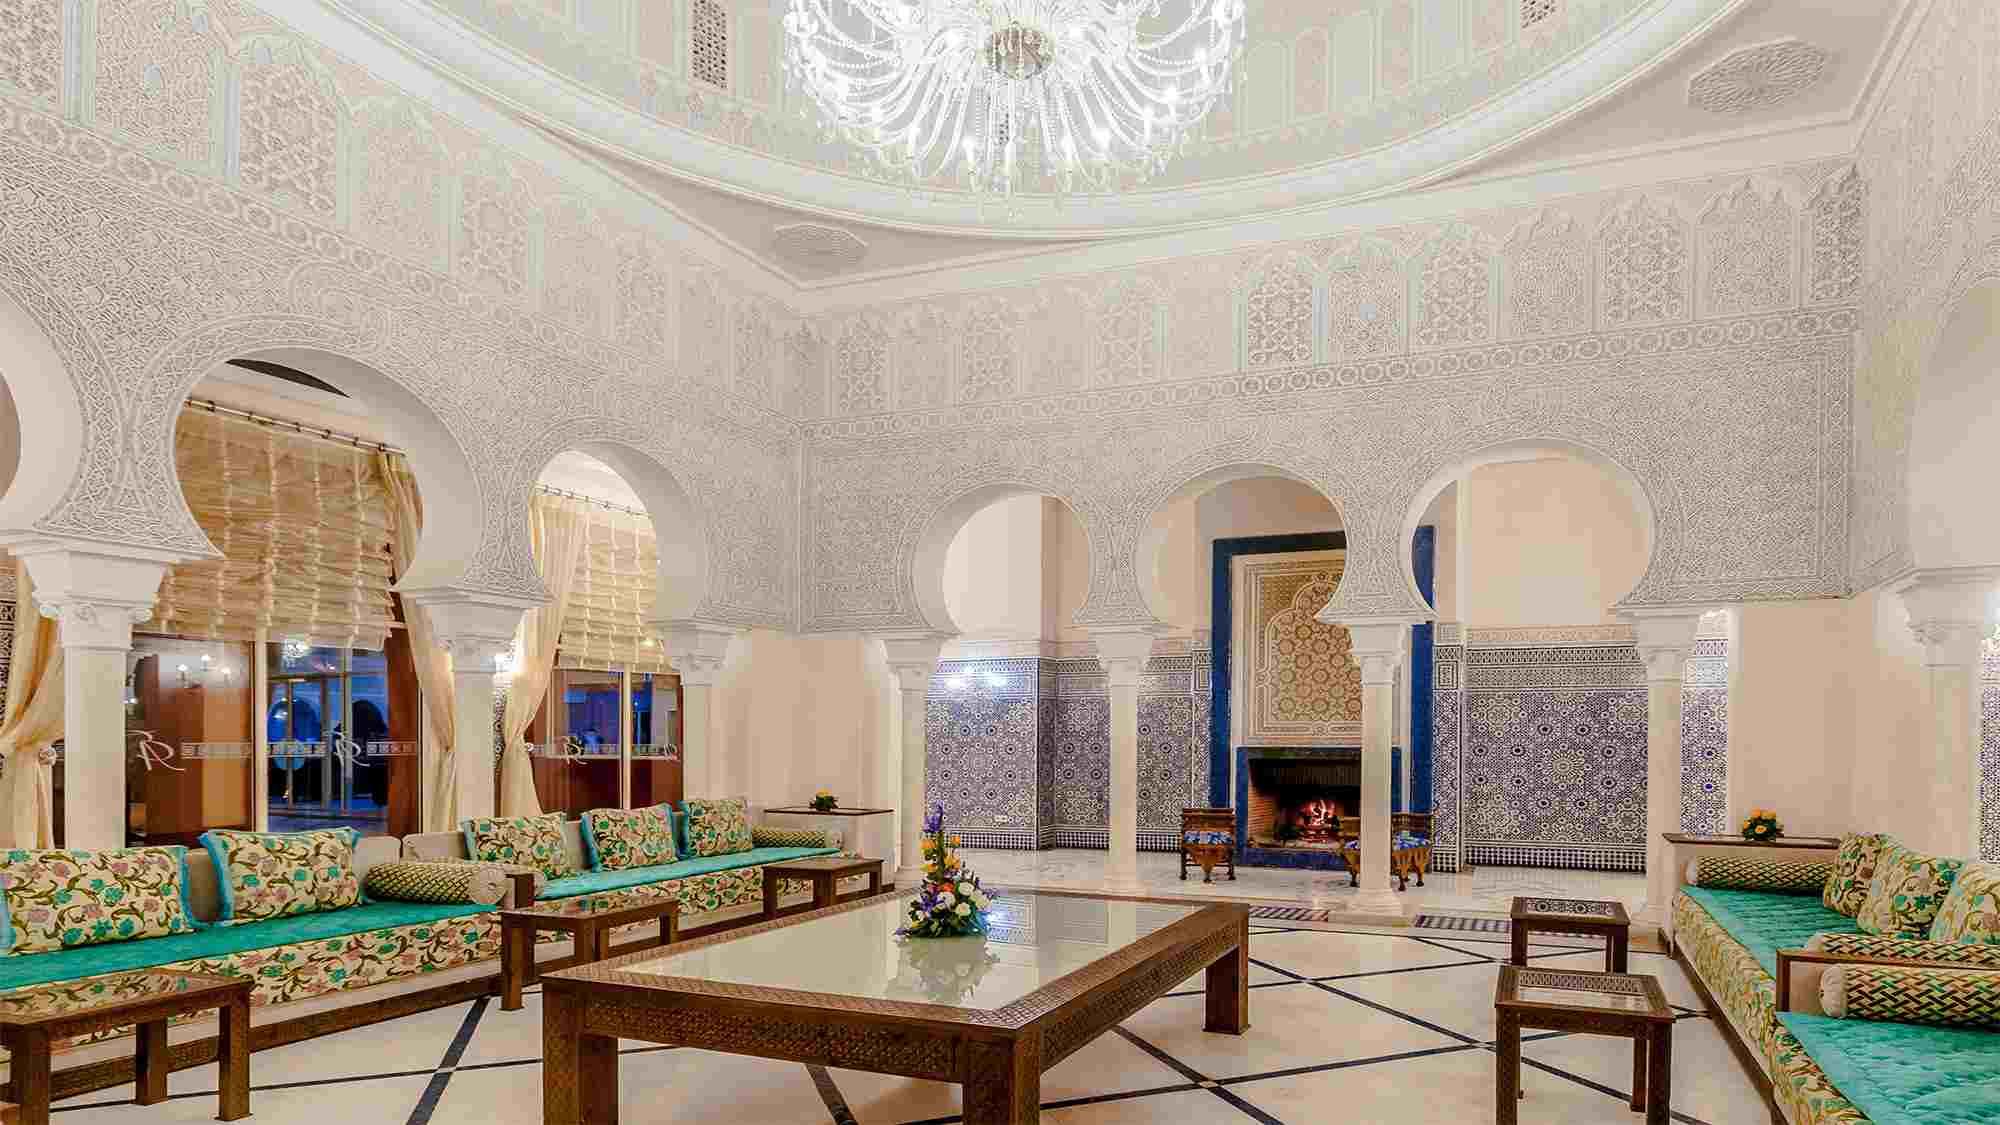 D coration marocaine en mosa que pour salon d cor salon for Gabs marocain moderne